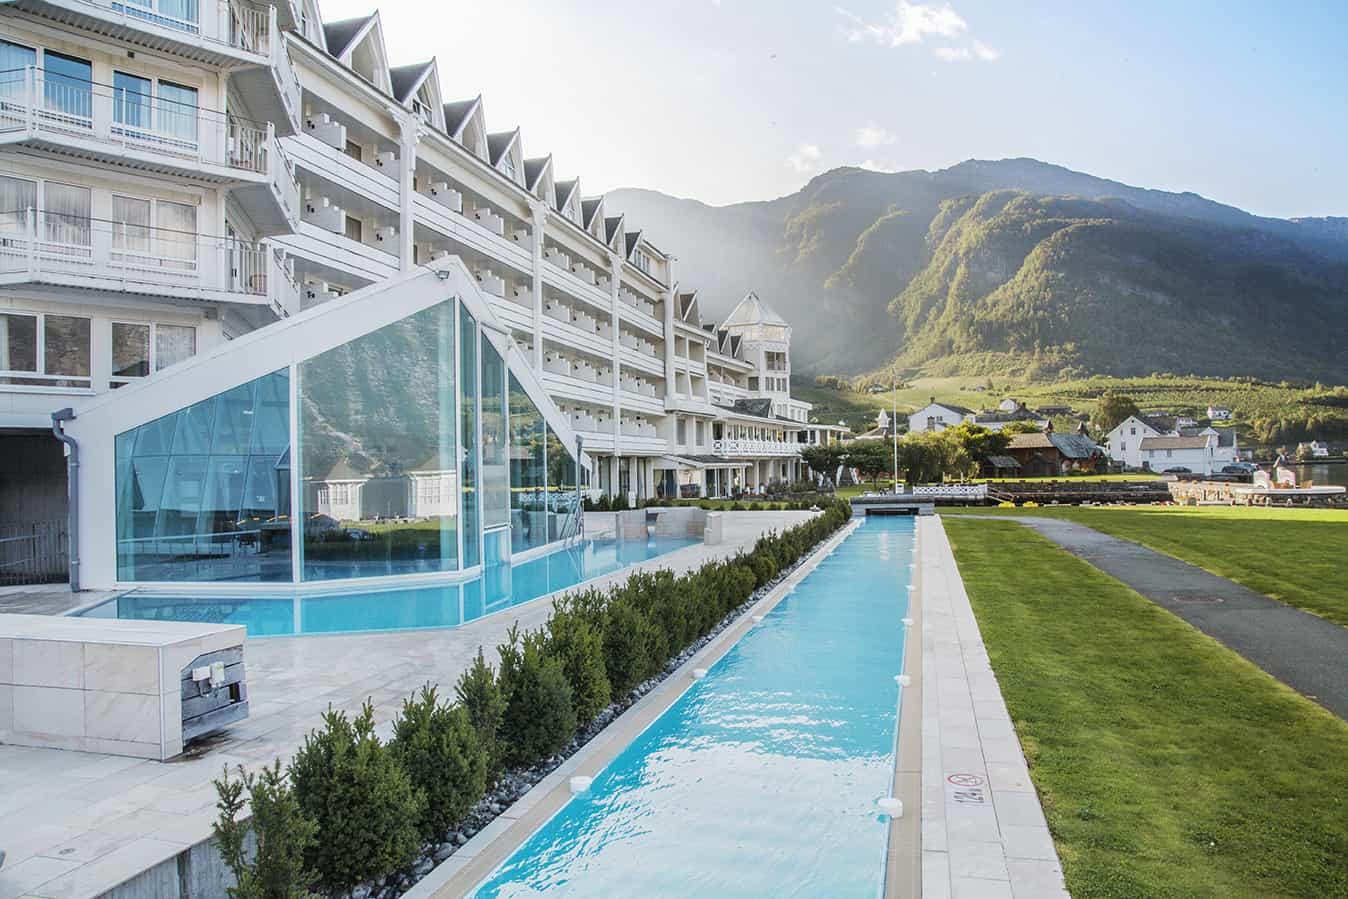 Proporcionando-vistas-deslumbrantes-de-várias-paisagens-naturais-icônicas-o-Hotel-Ullesvang-também-está-de-frente-para-os-fiordes.